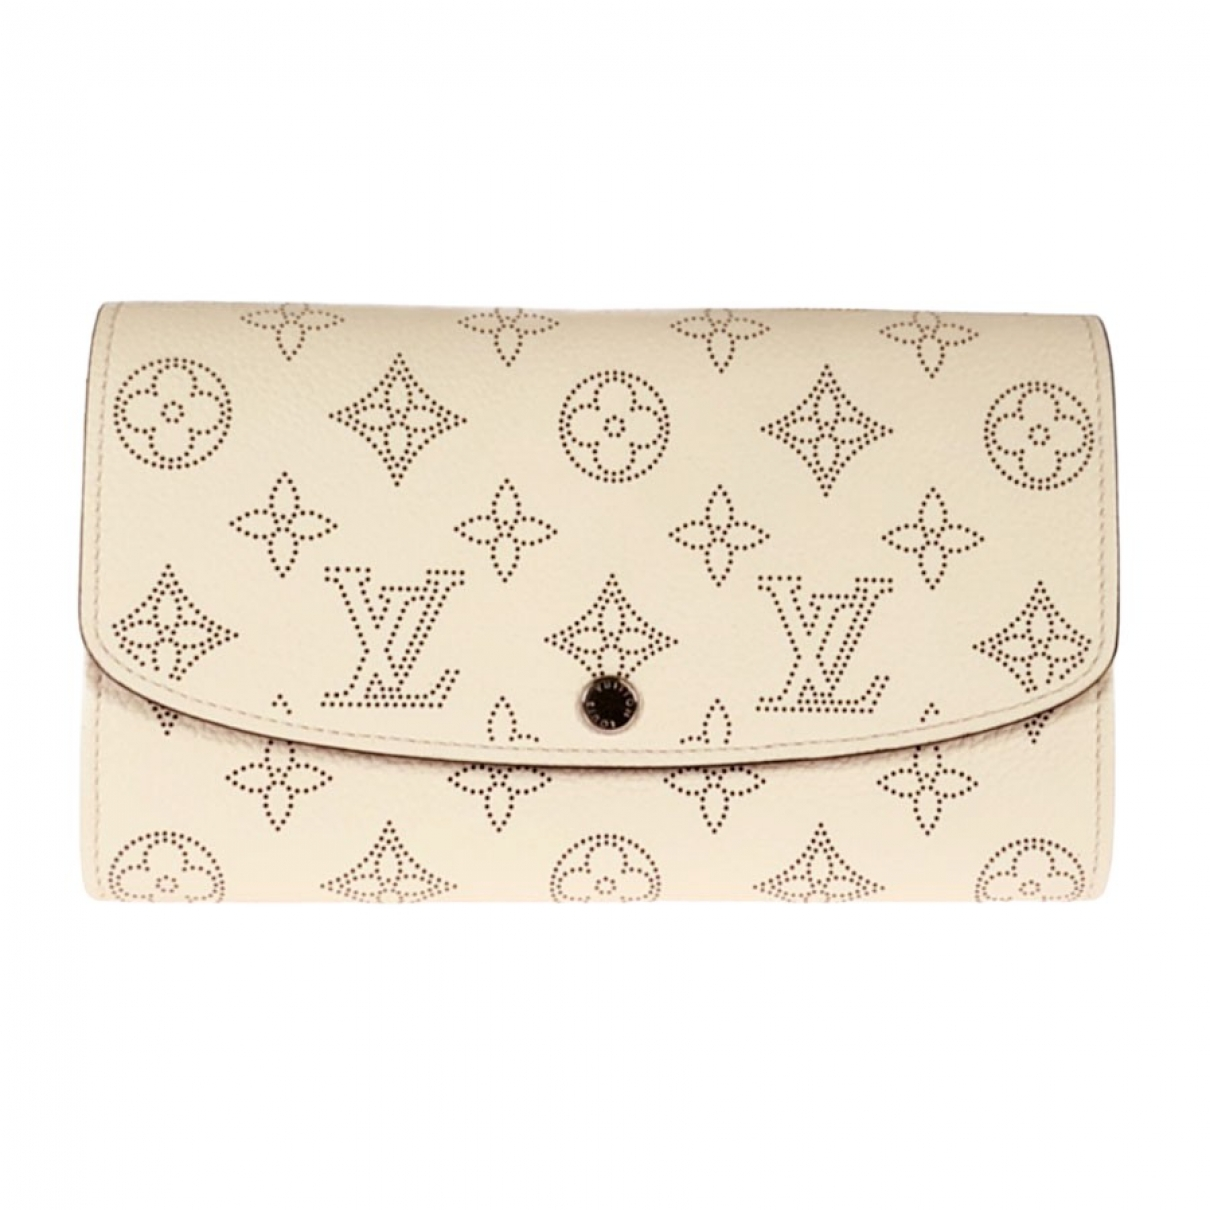 Louis Vuitton - Portefeuille Iris pour femme en cuir - blanc